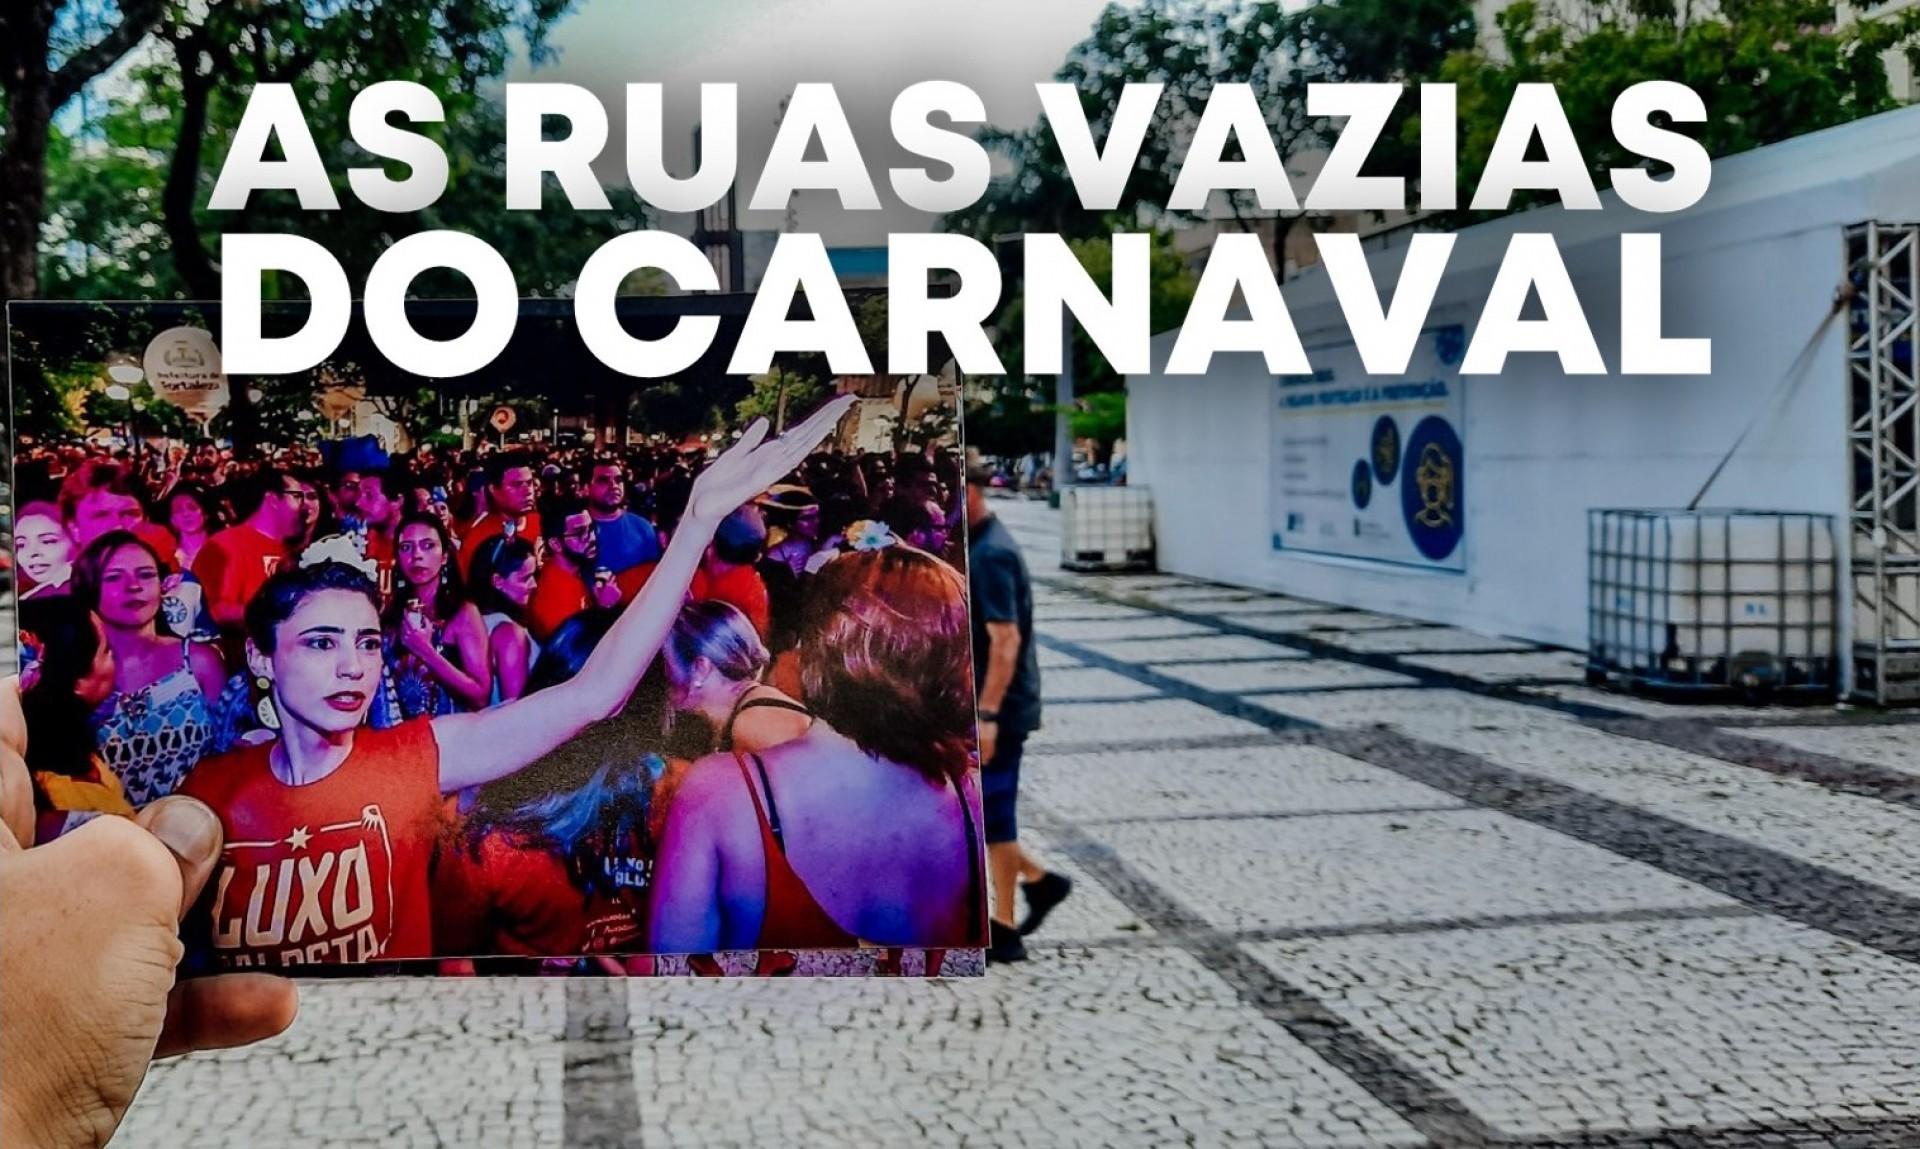 As Ruas Vazias do Carnaval